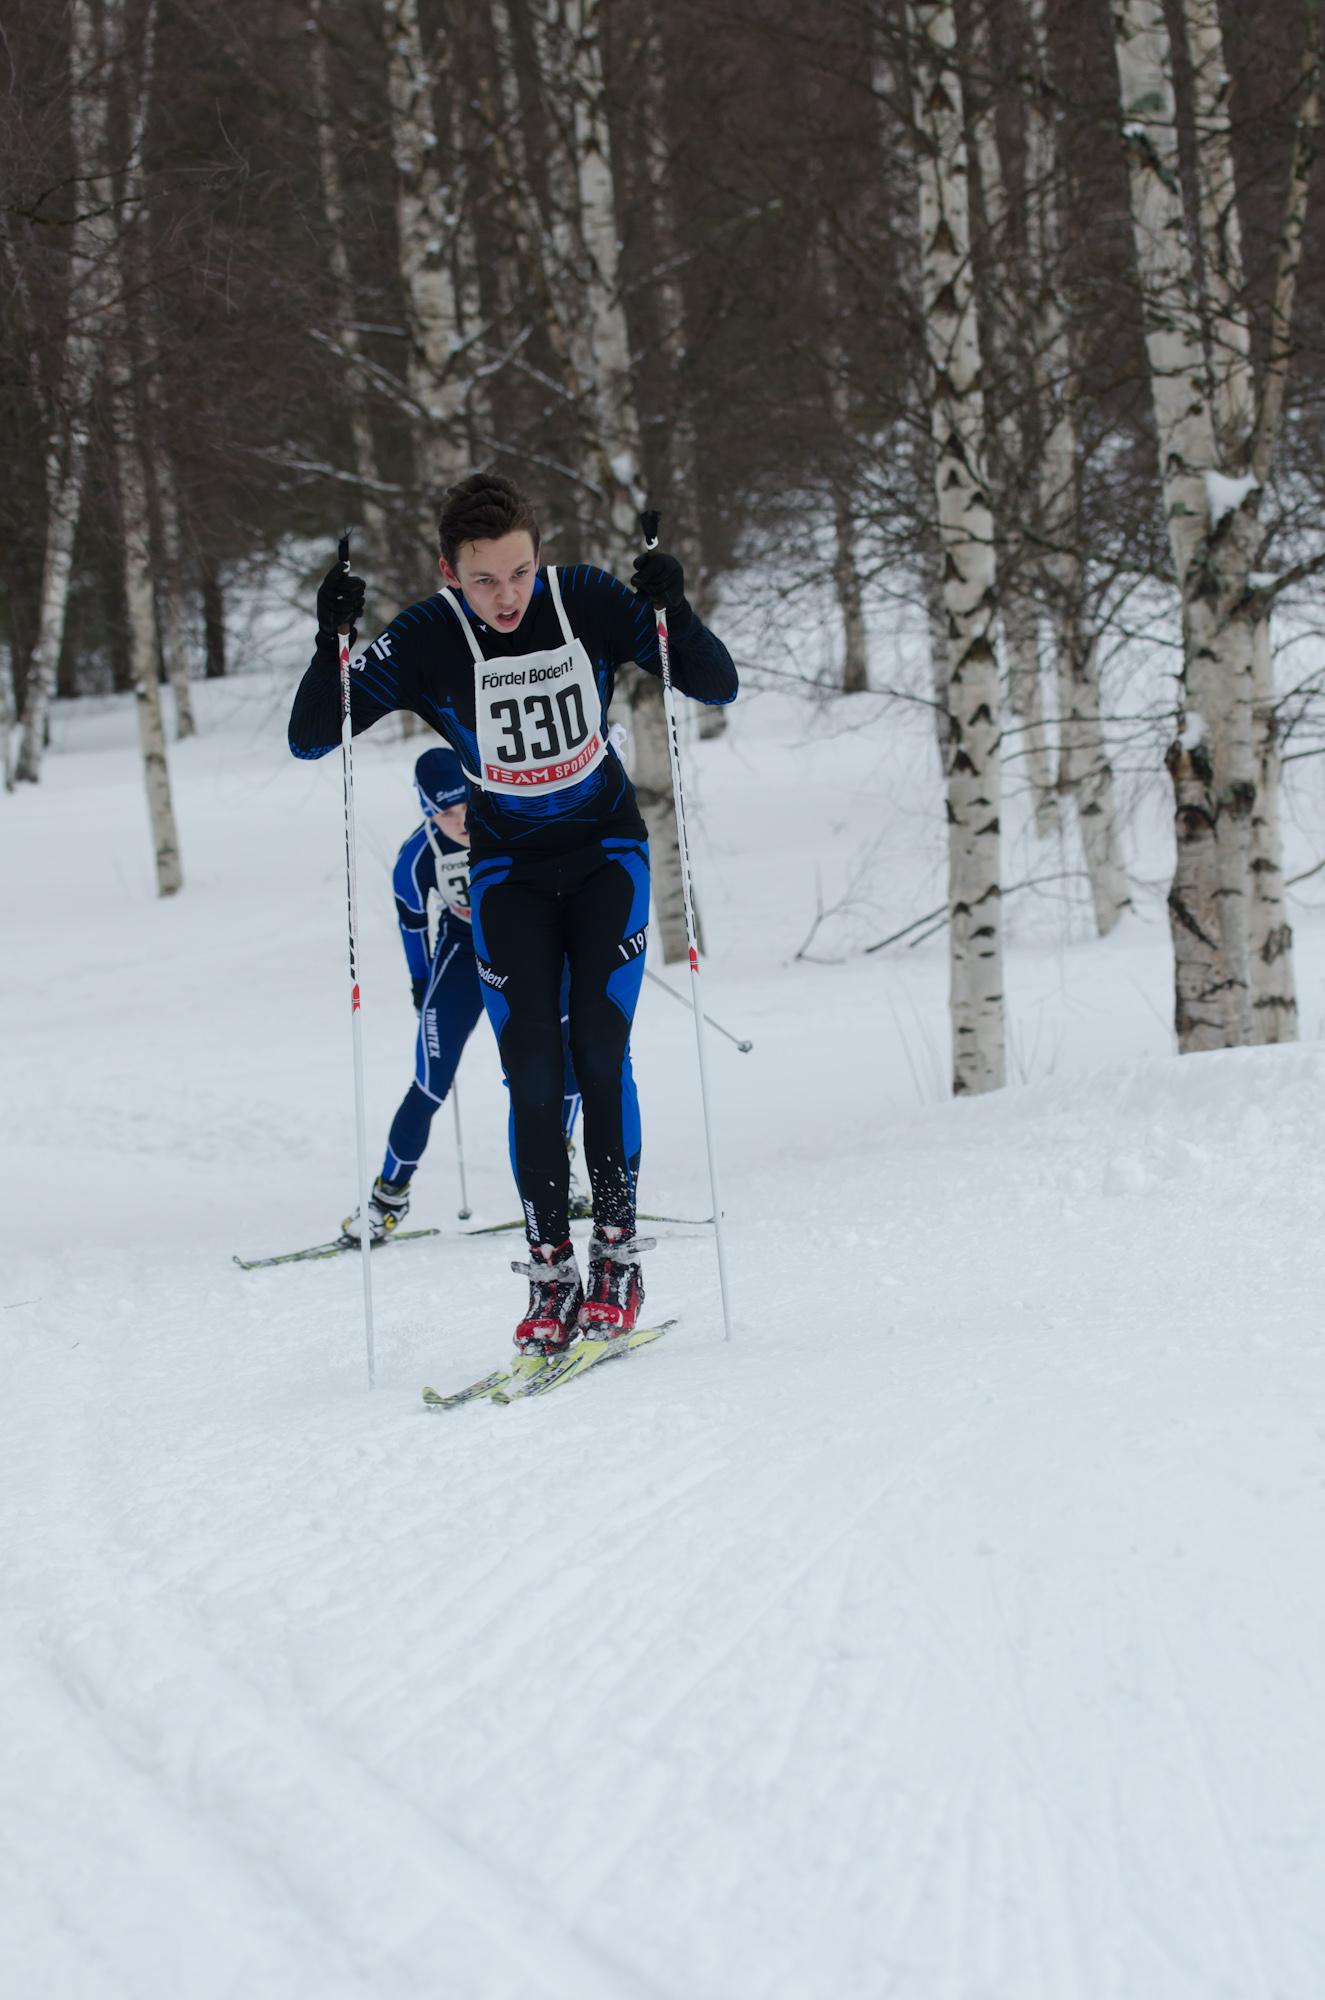 Johan Stridsman, Sävastspelen 2014